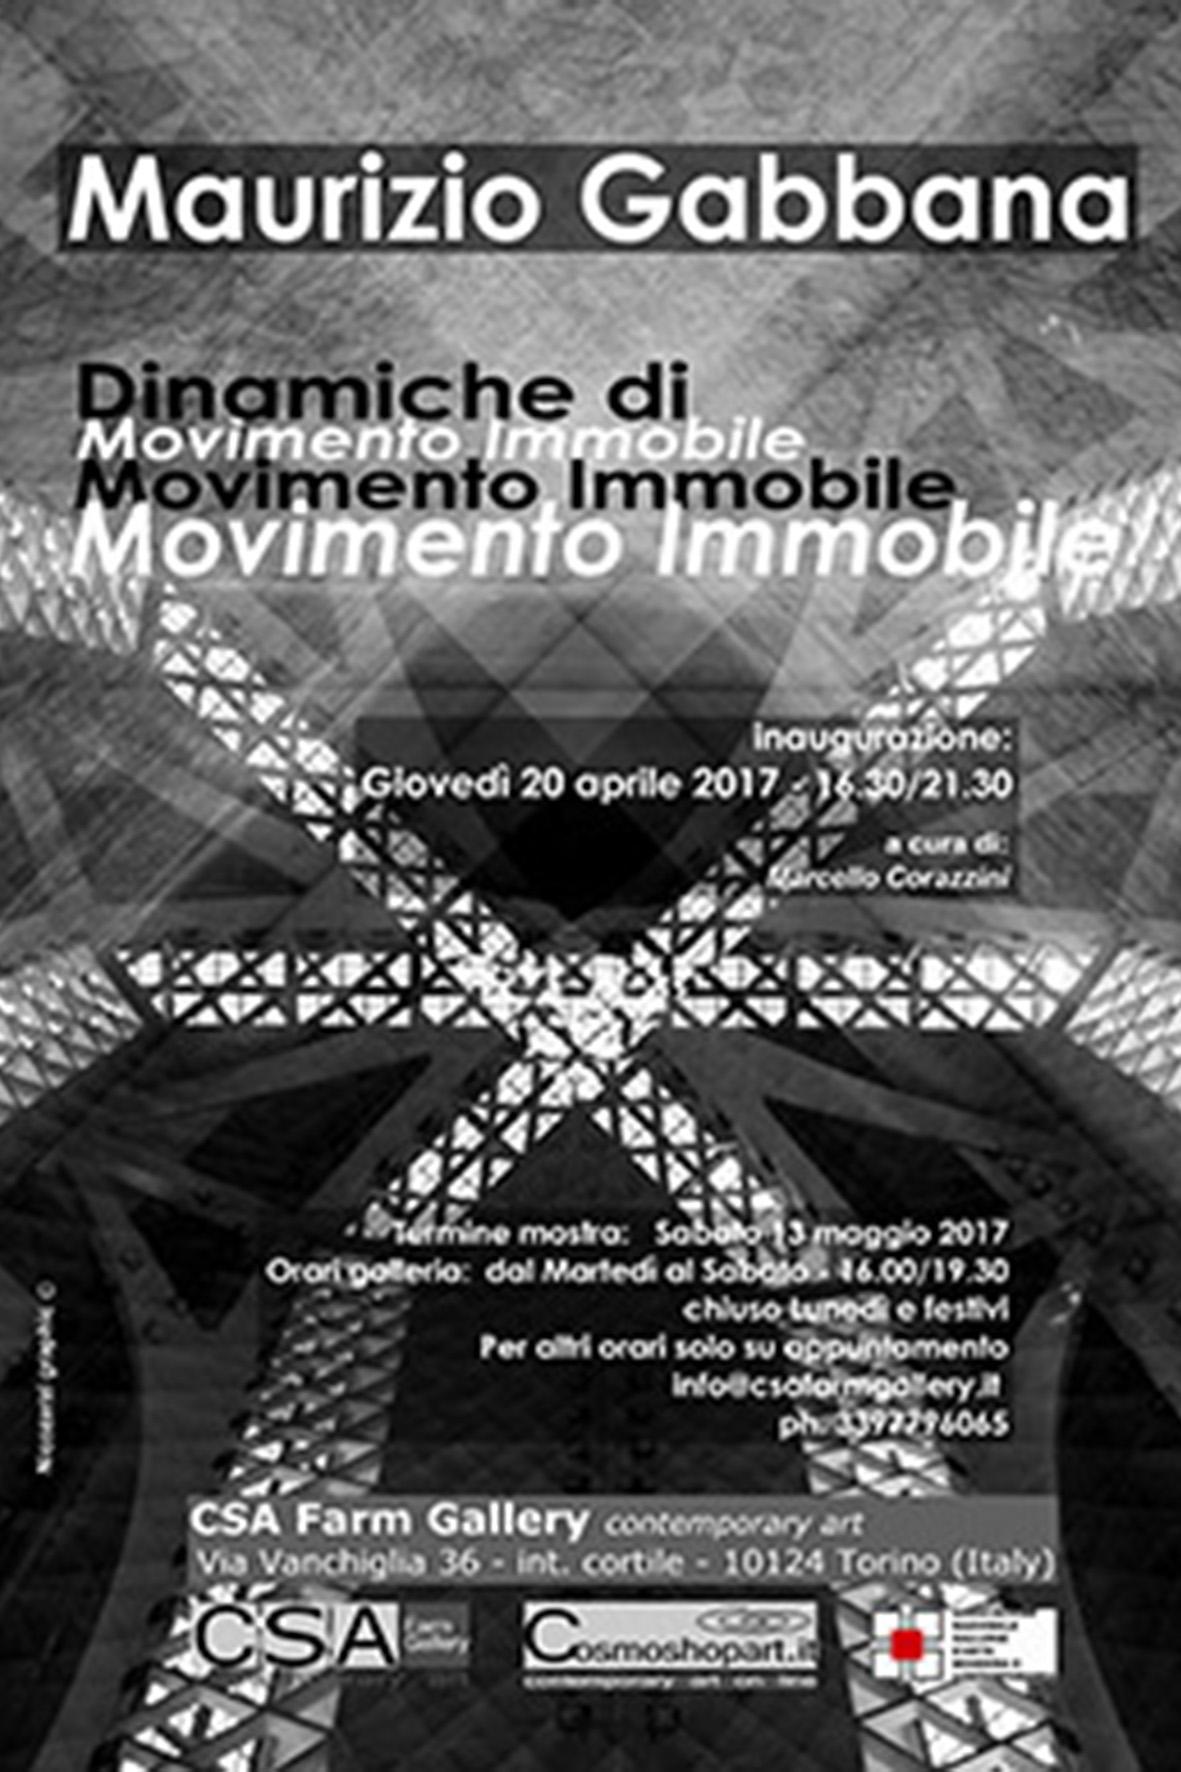 Maurizio Gabbana, 'Dinamiche di Movimento Immobile', 20/04-13/05/2017 © M.Gabbana/NicoZarzi/CSA